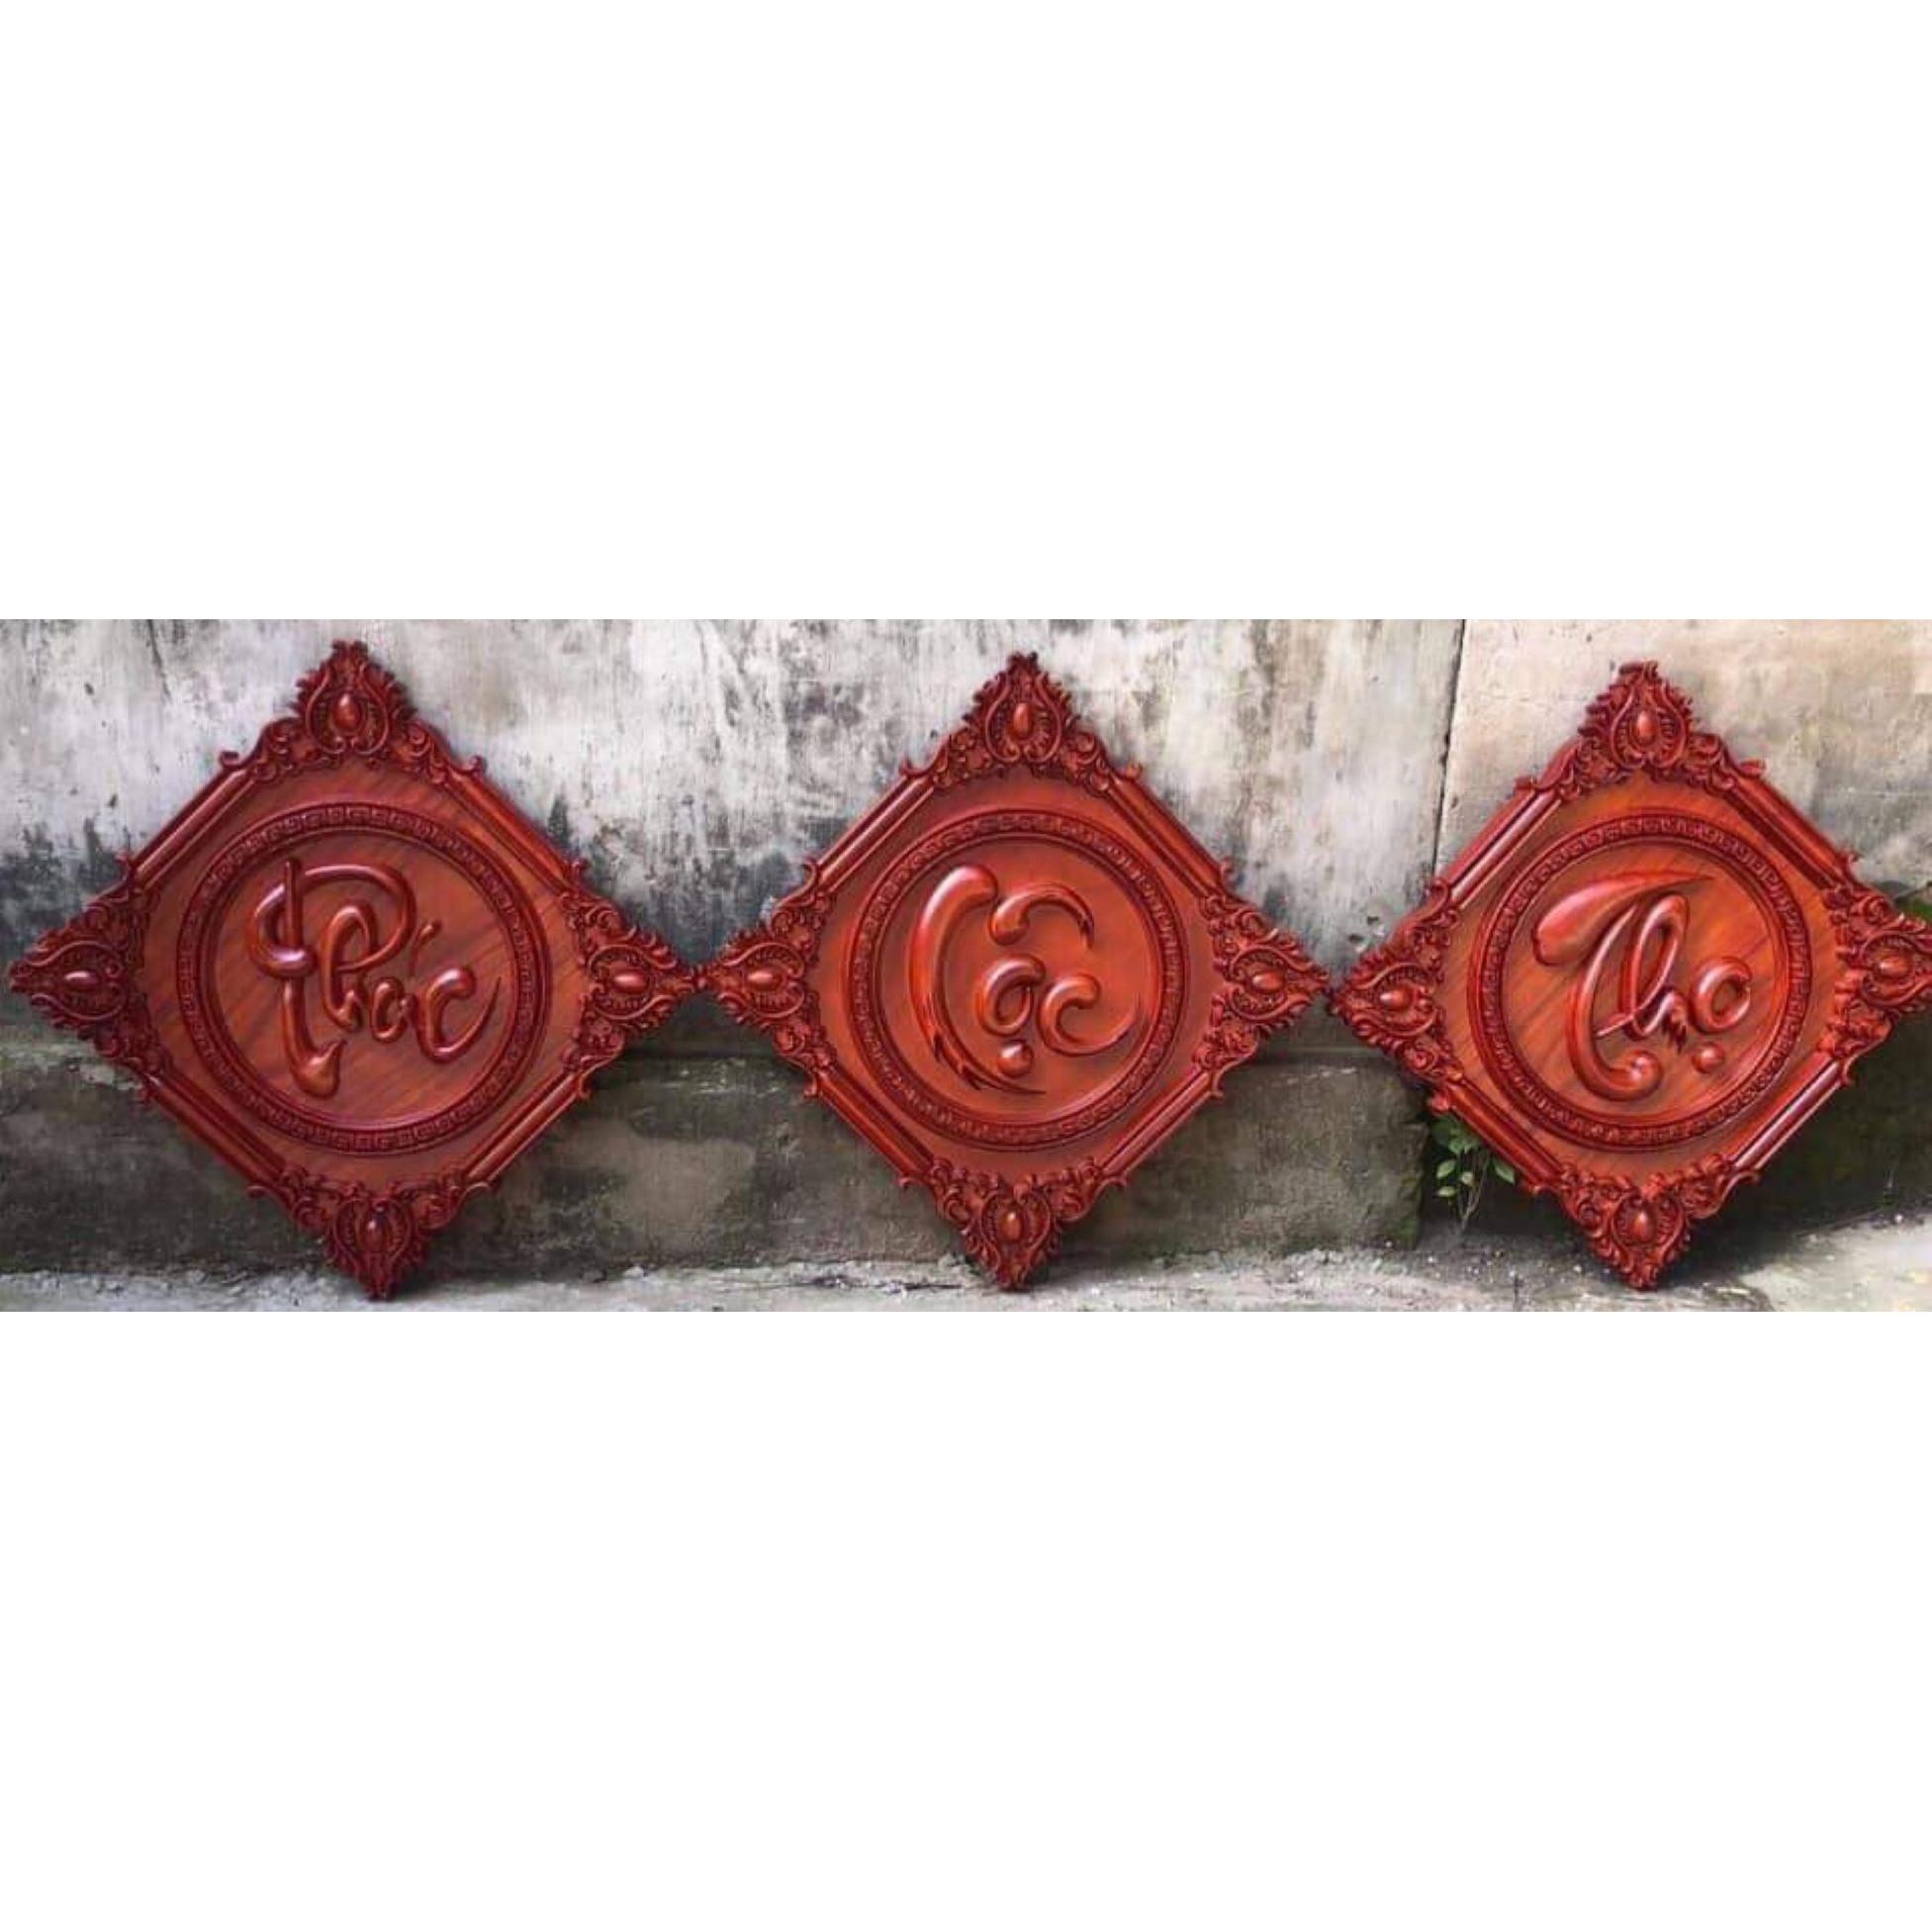 Tranh gỗ hương liền khối đục nổi- PHÚC LỘC THỌ-TG269